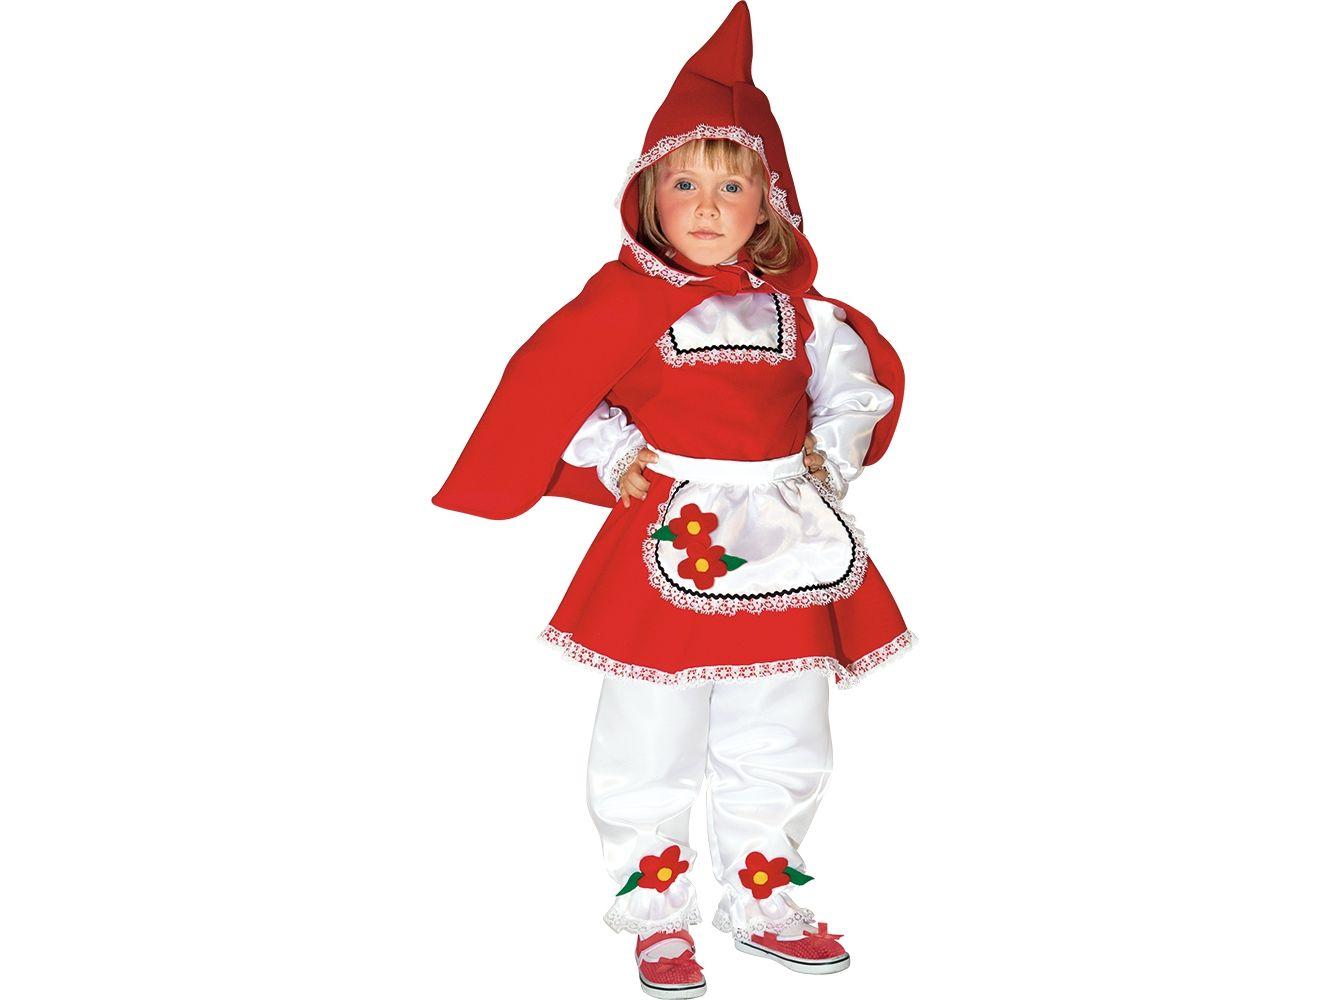 Costume Rosso Cappuccetto Costume Di Rosso Costume Carnevale Di Carnevale Cappuccetto PiOXZuk